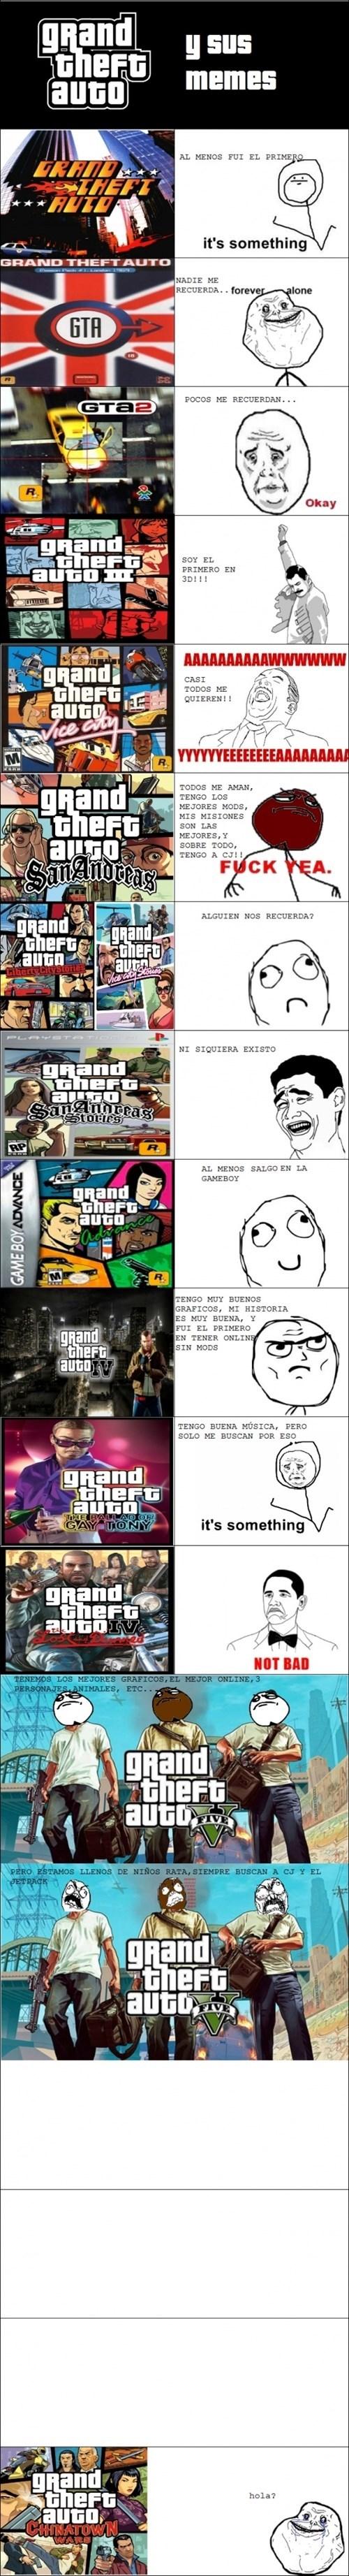 GTA en la historia